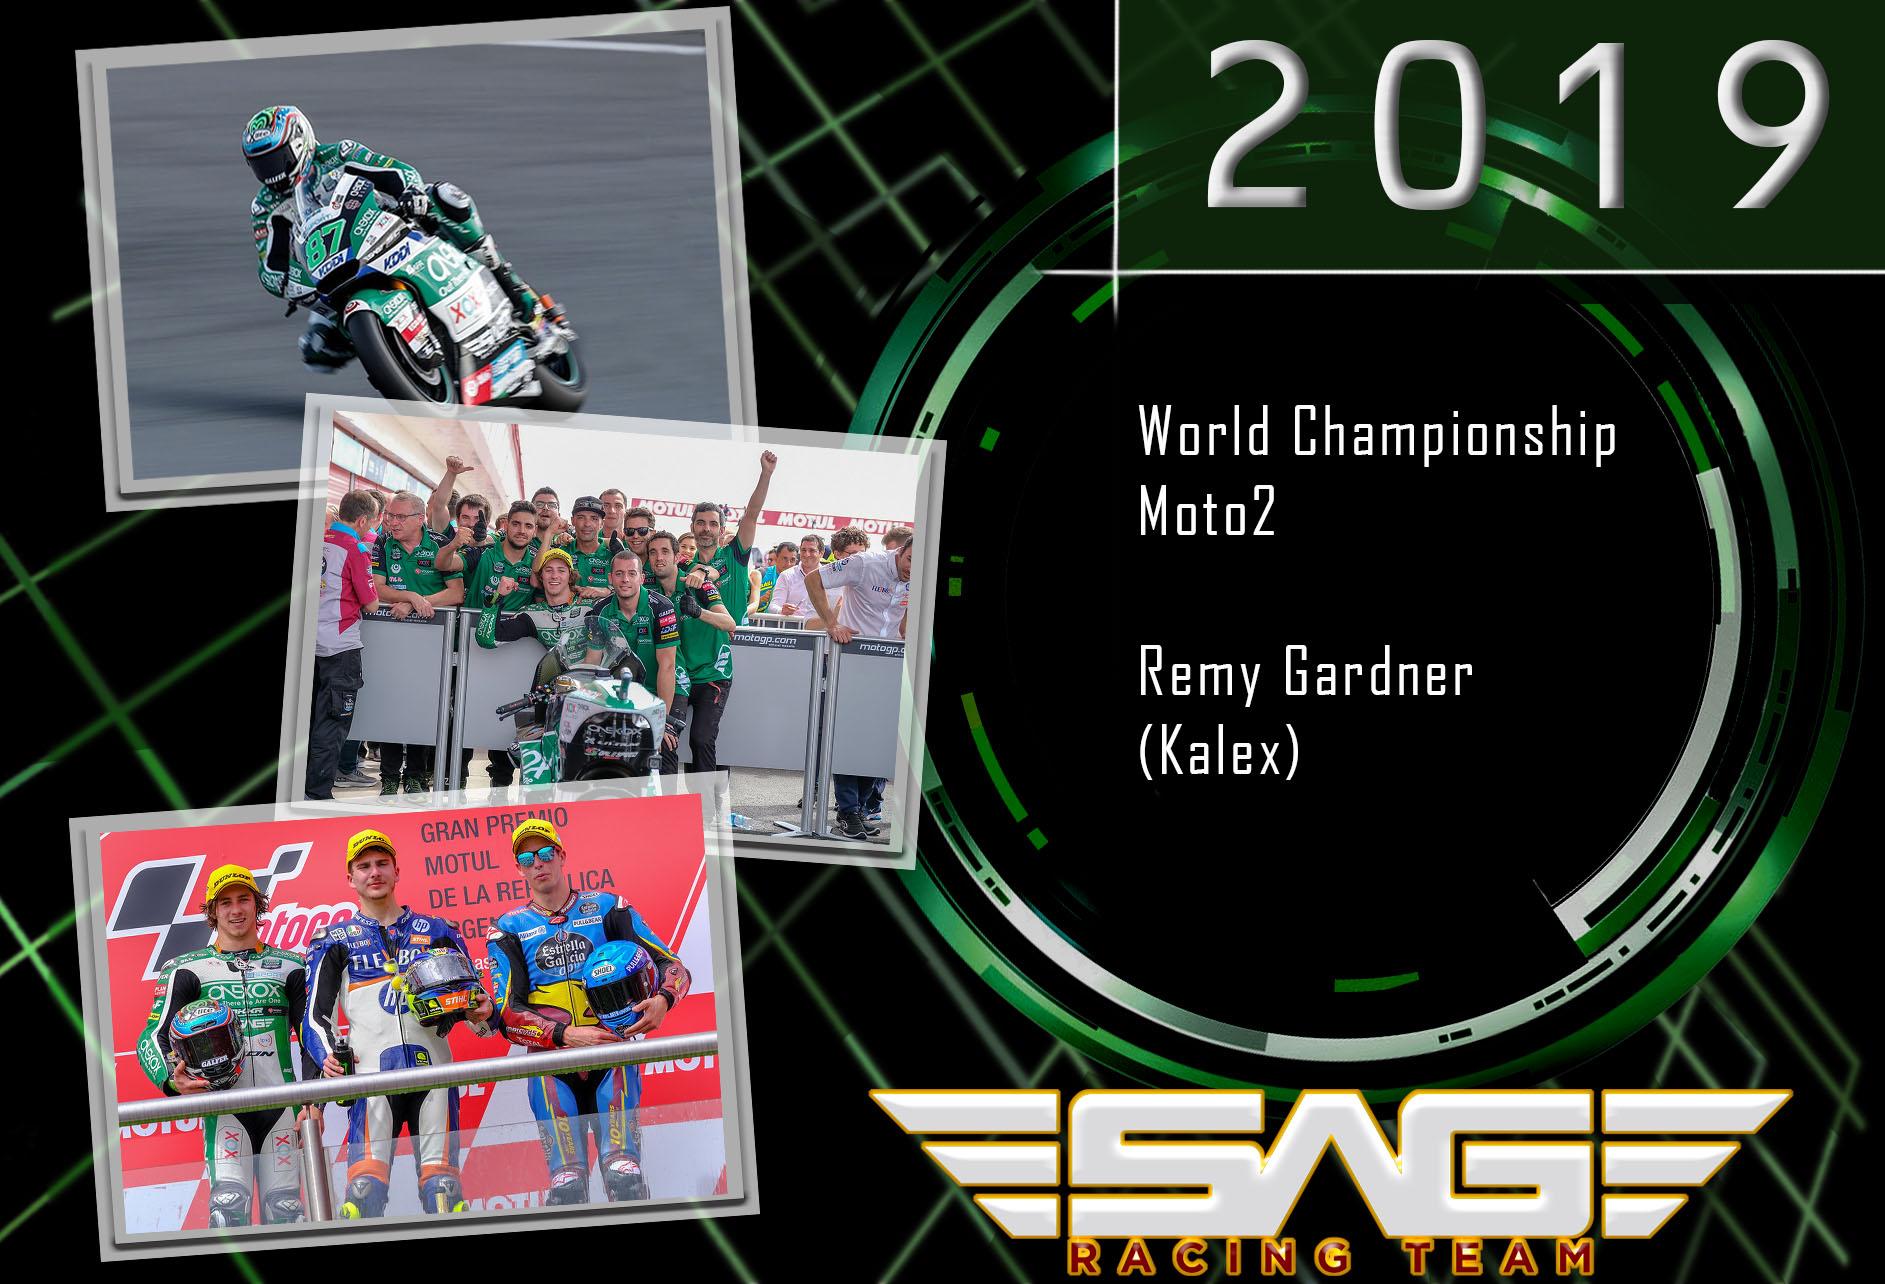 Remy Gardner (Moto2 rider)